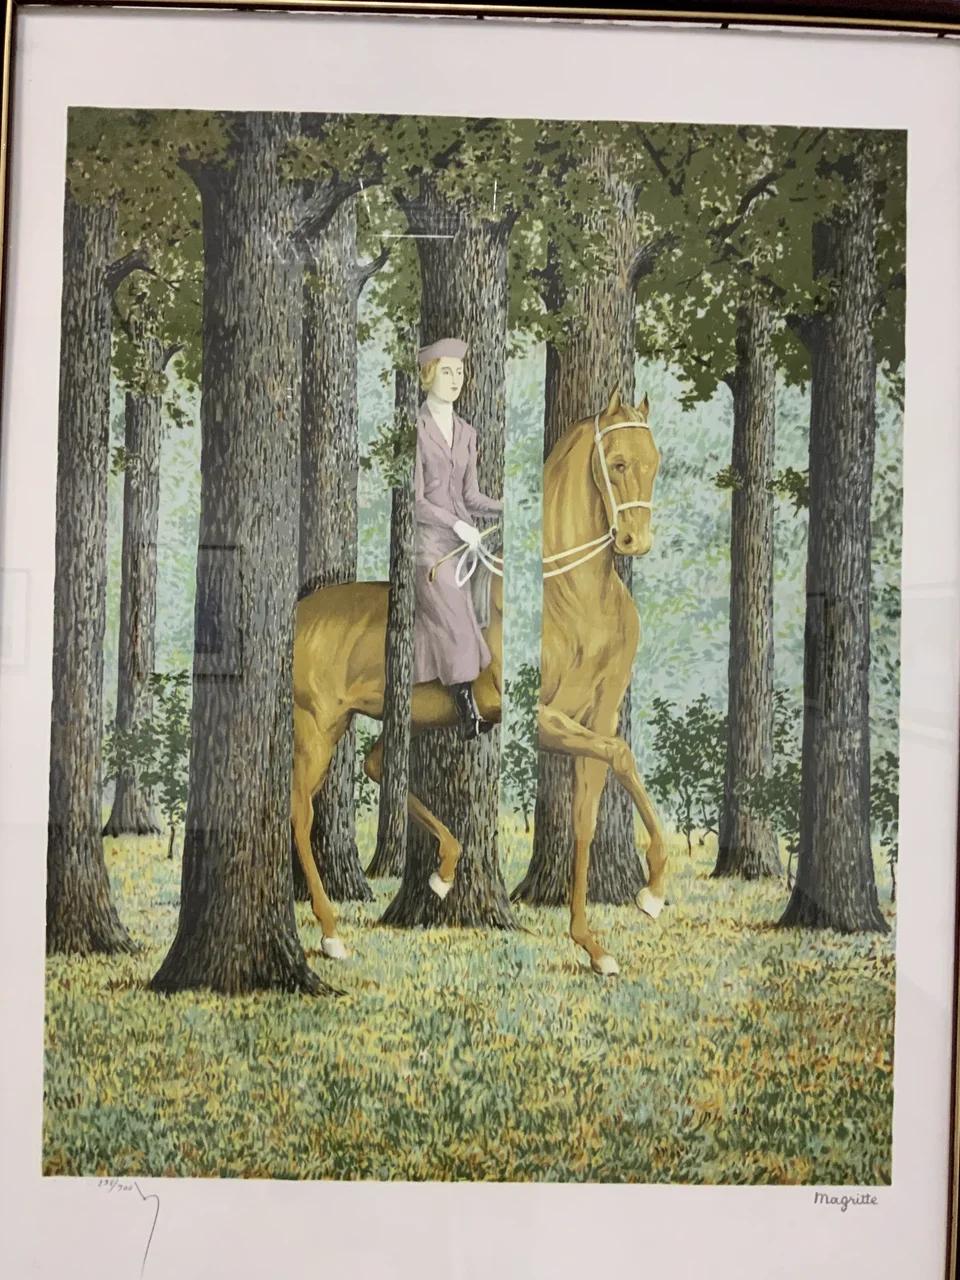 Рене Магритт «Карт-бланш» (1965)